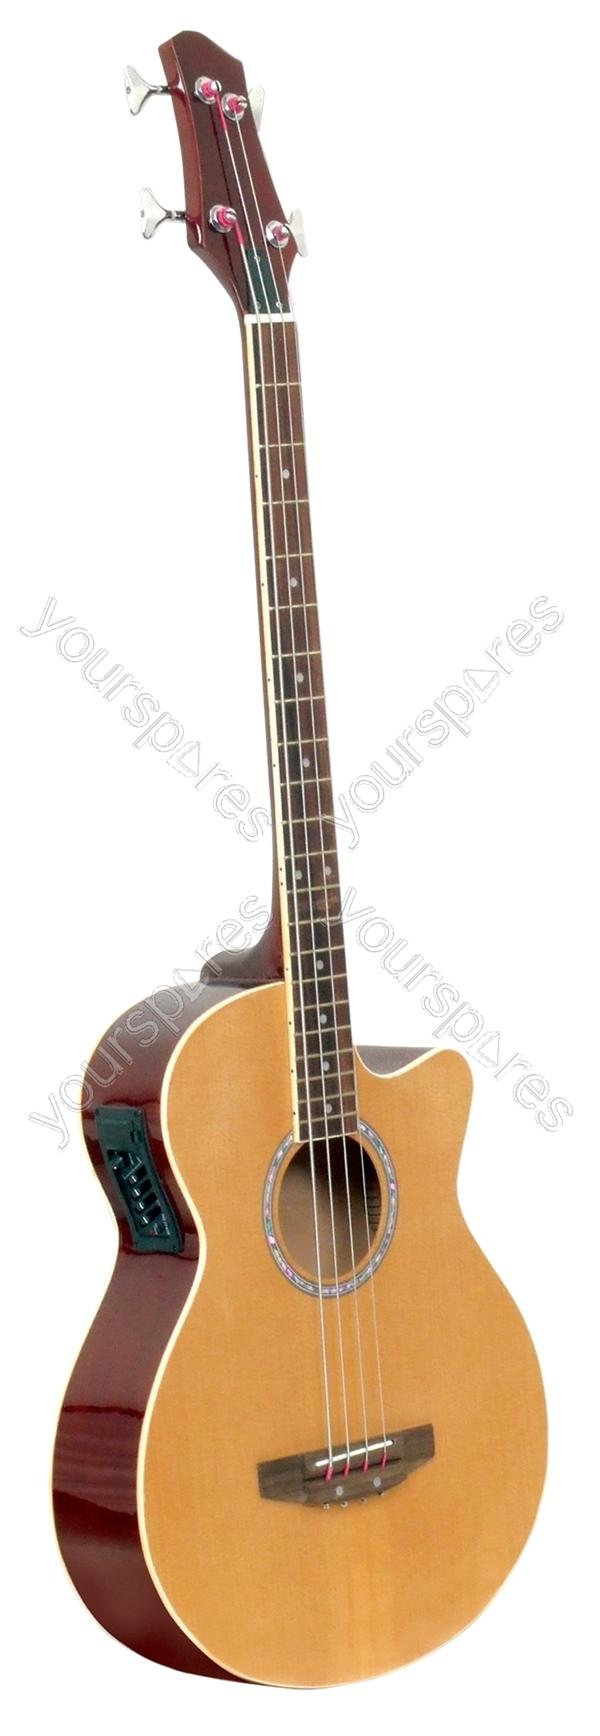 Cheetah Acoustic Bass Guitar G902fa By Cheetah